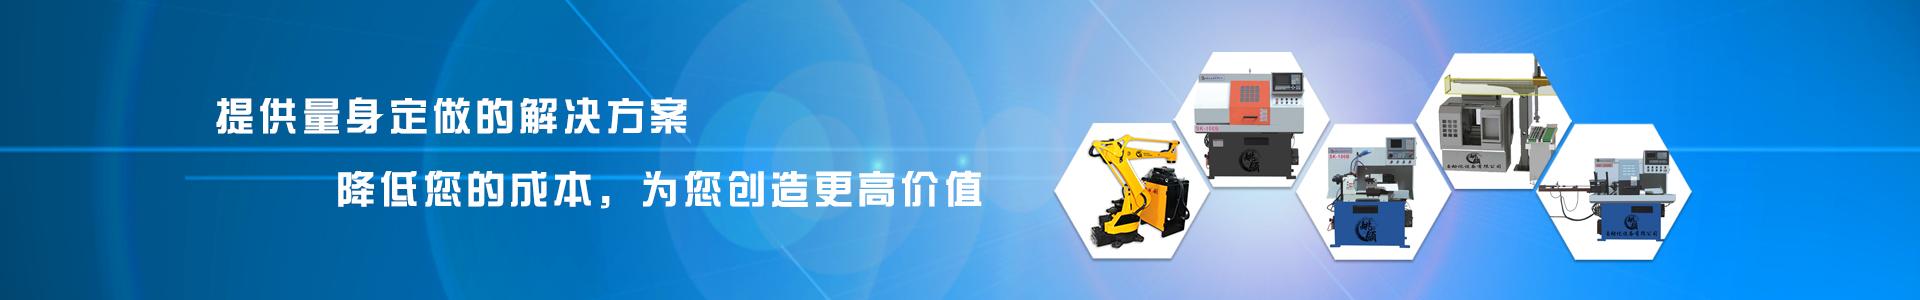 工业机器人厂家